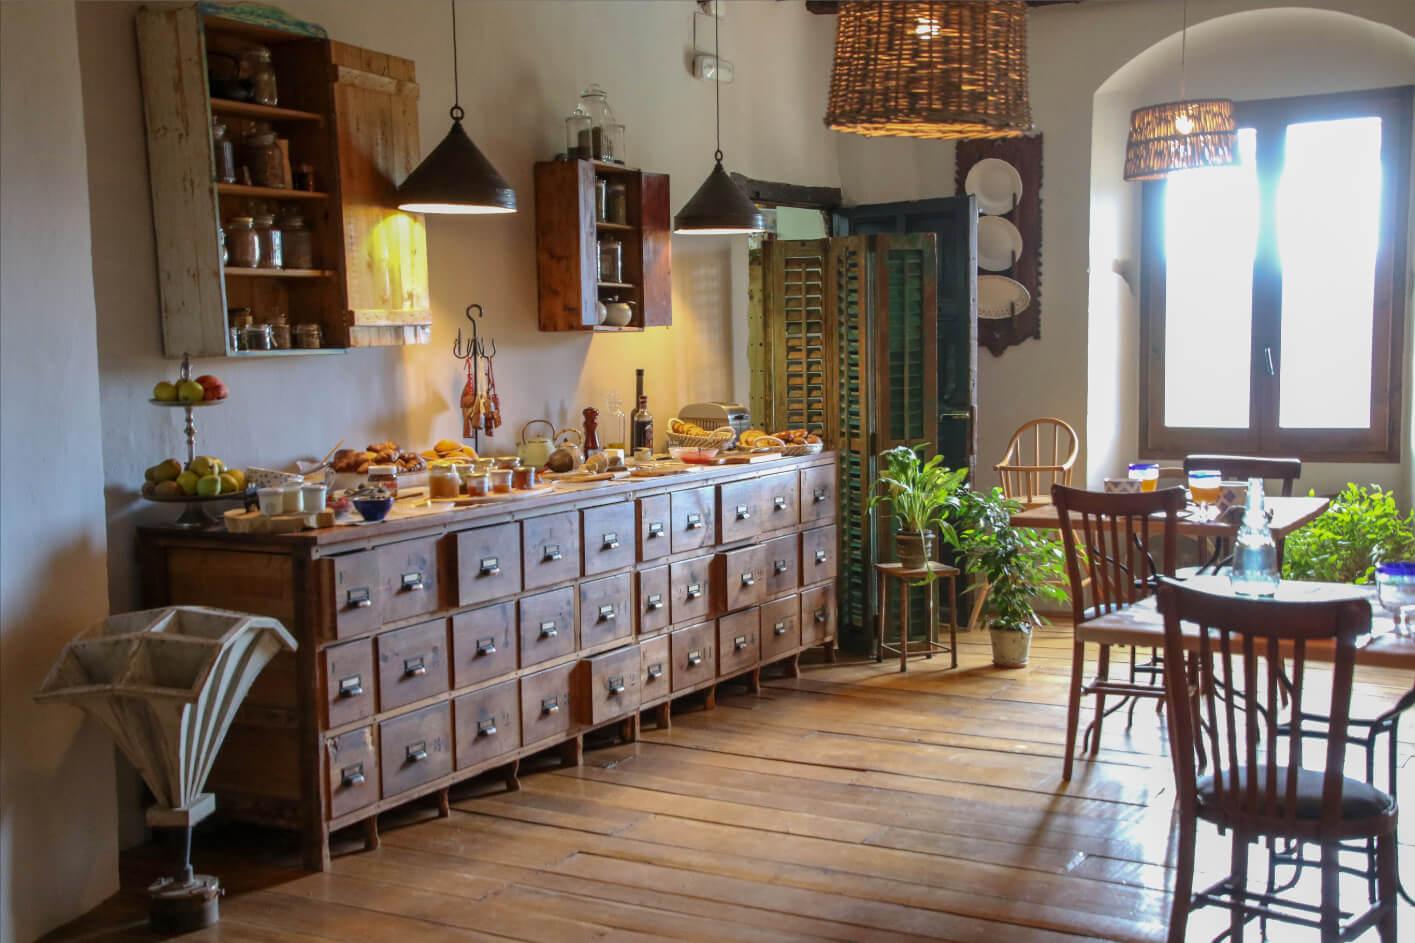 Comedor de la Masía con encanto Mas El Mir, una estancia cálida y acogedora de estilo rústico-vintage